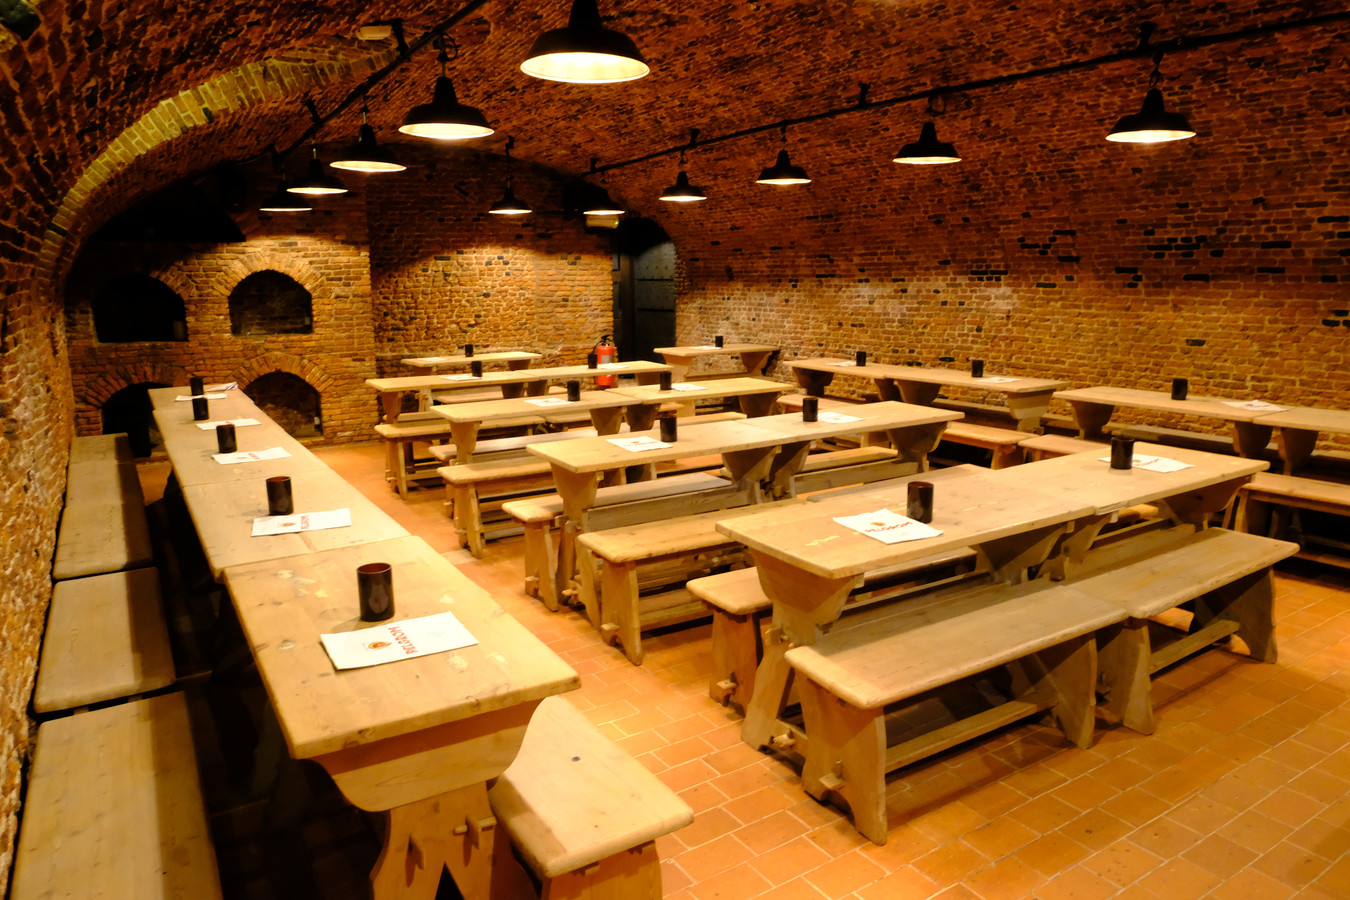 Eén van de acht kelders: tafels en zitbanken zijn nu veel lichter dan vroeger.